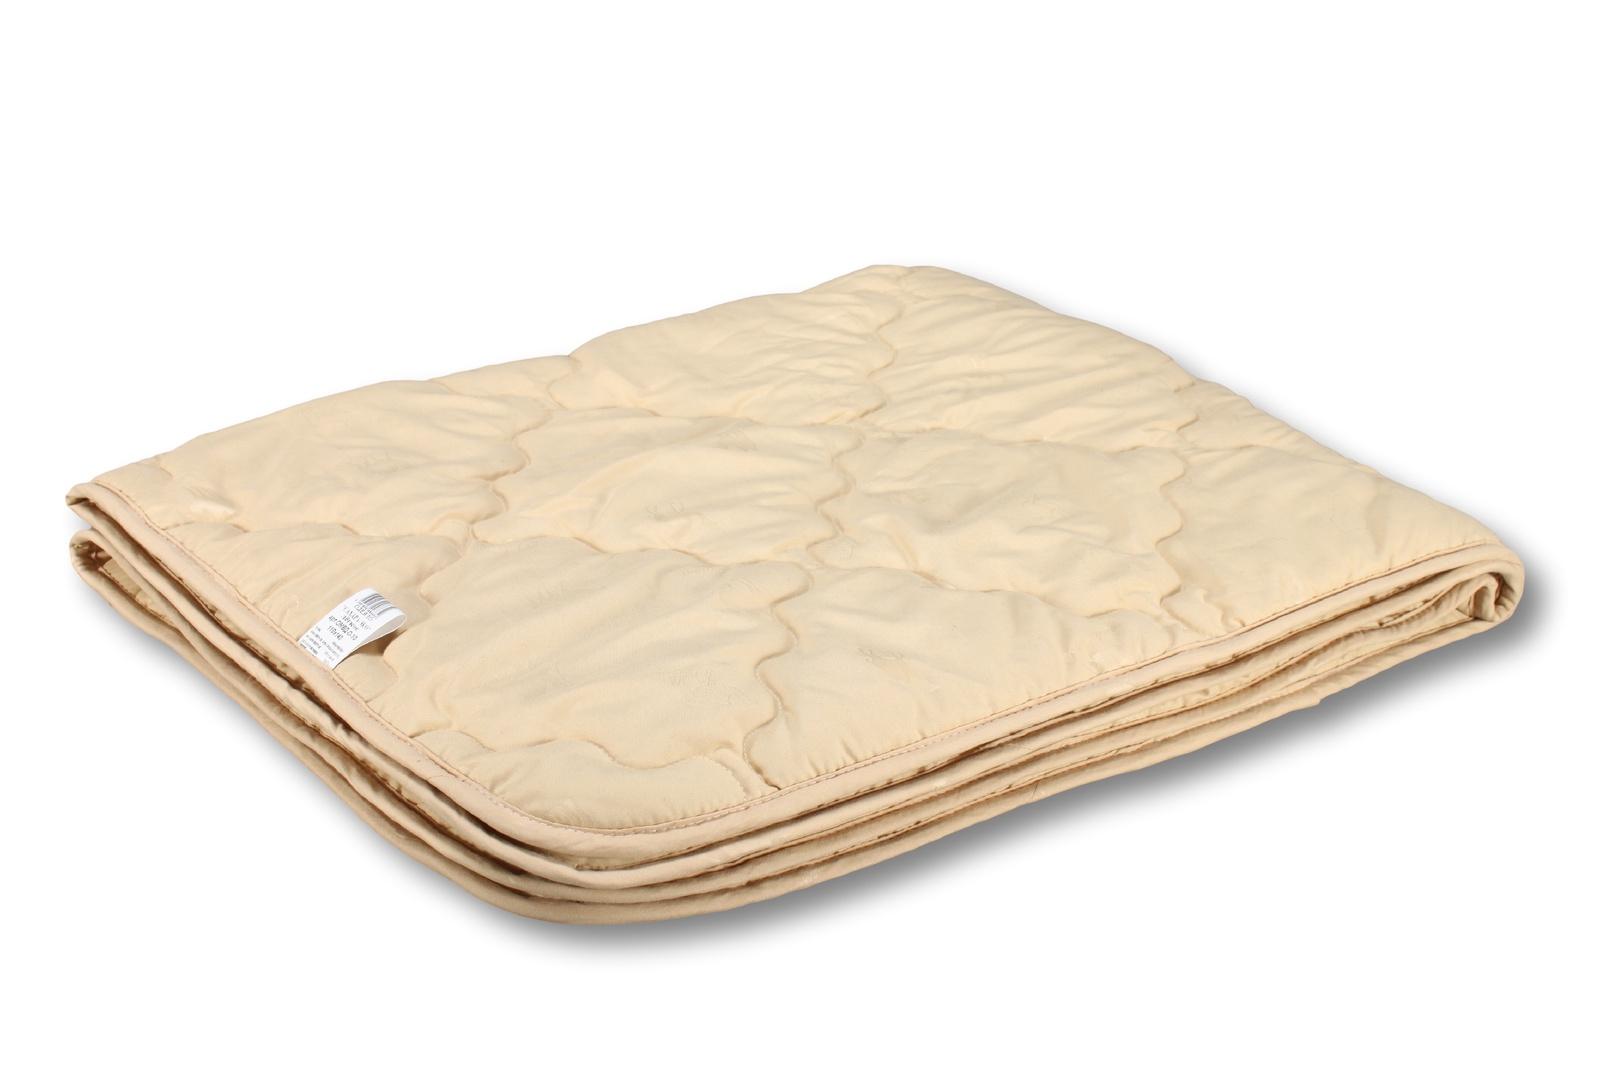 цена Одеяло детское Dream time уникальный, ДТ-ОМВ-Д-О-10 онлайн в 2017 году